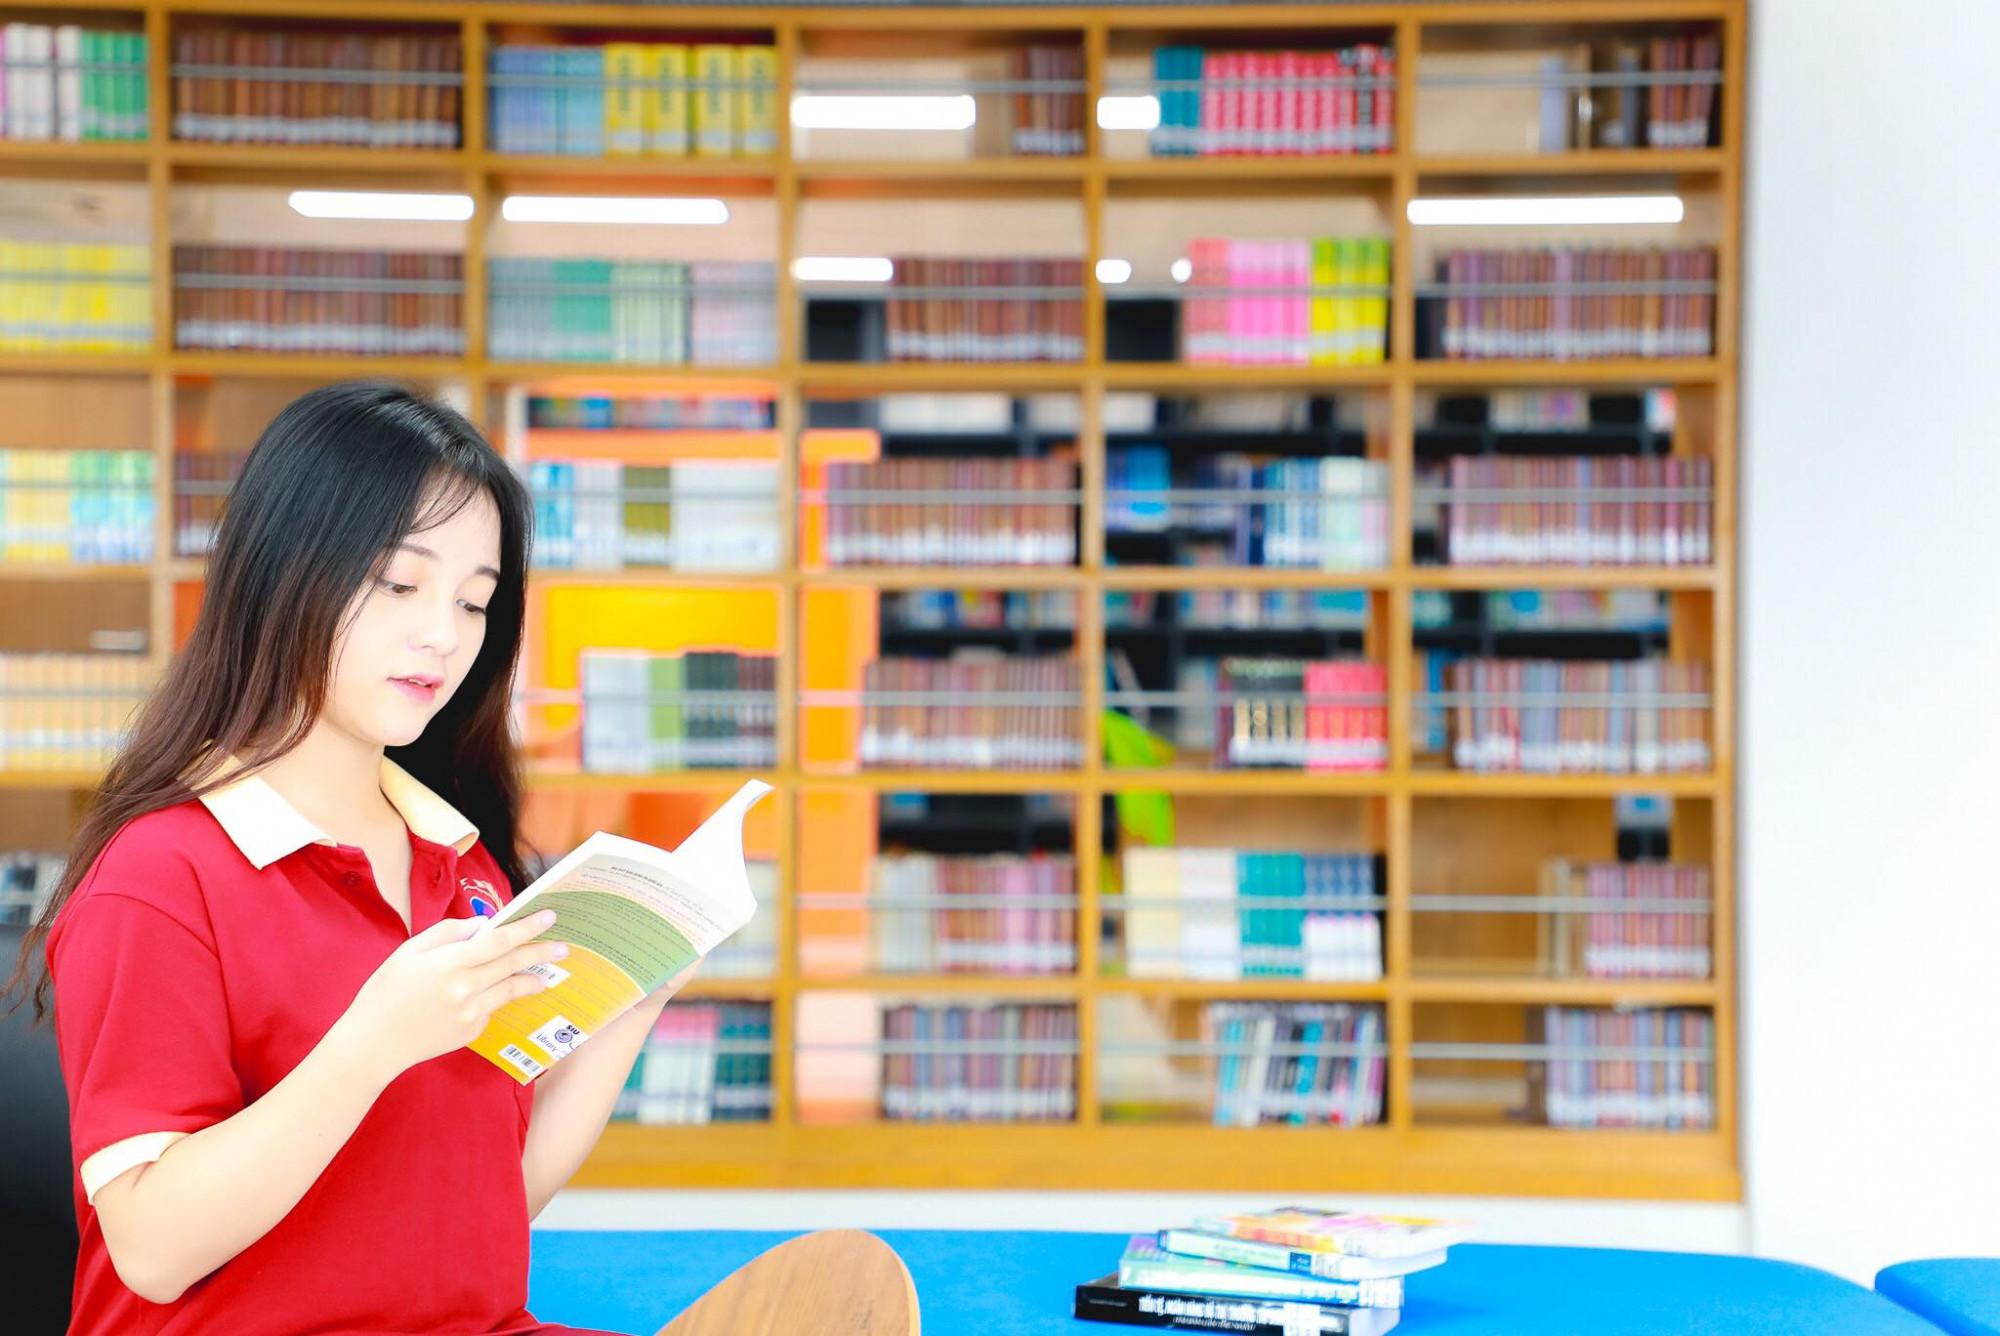 Trẻ trung, năng động, tiện ích...là ưu điểm của thư viện này